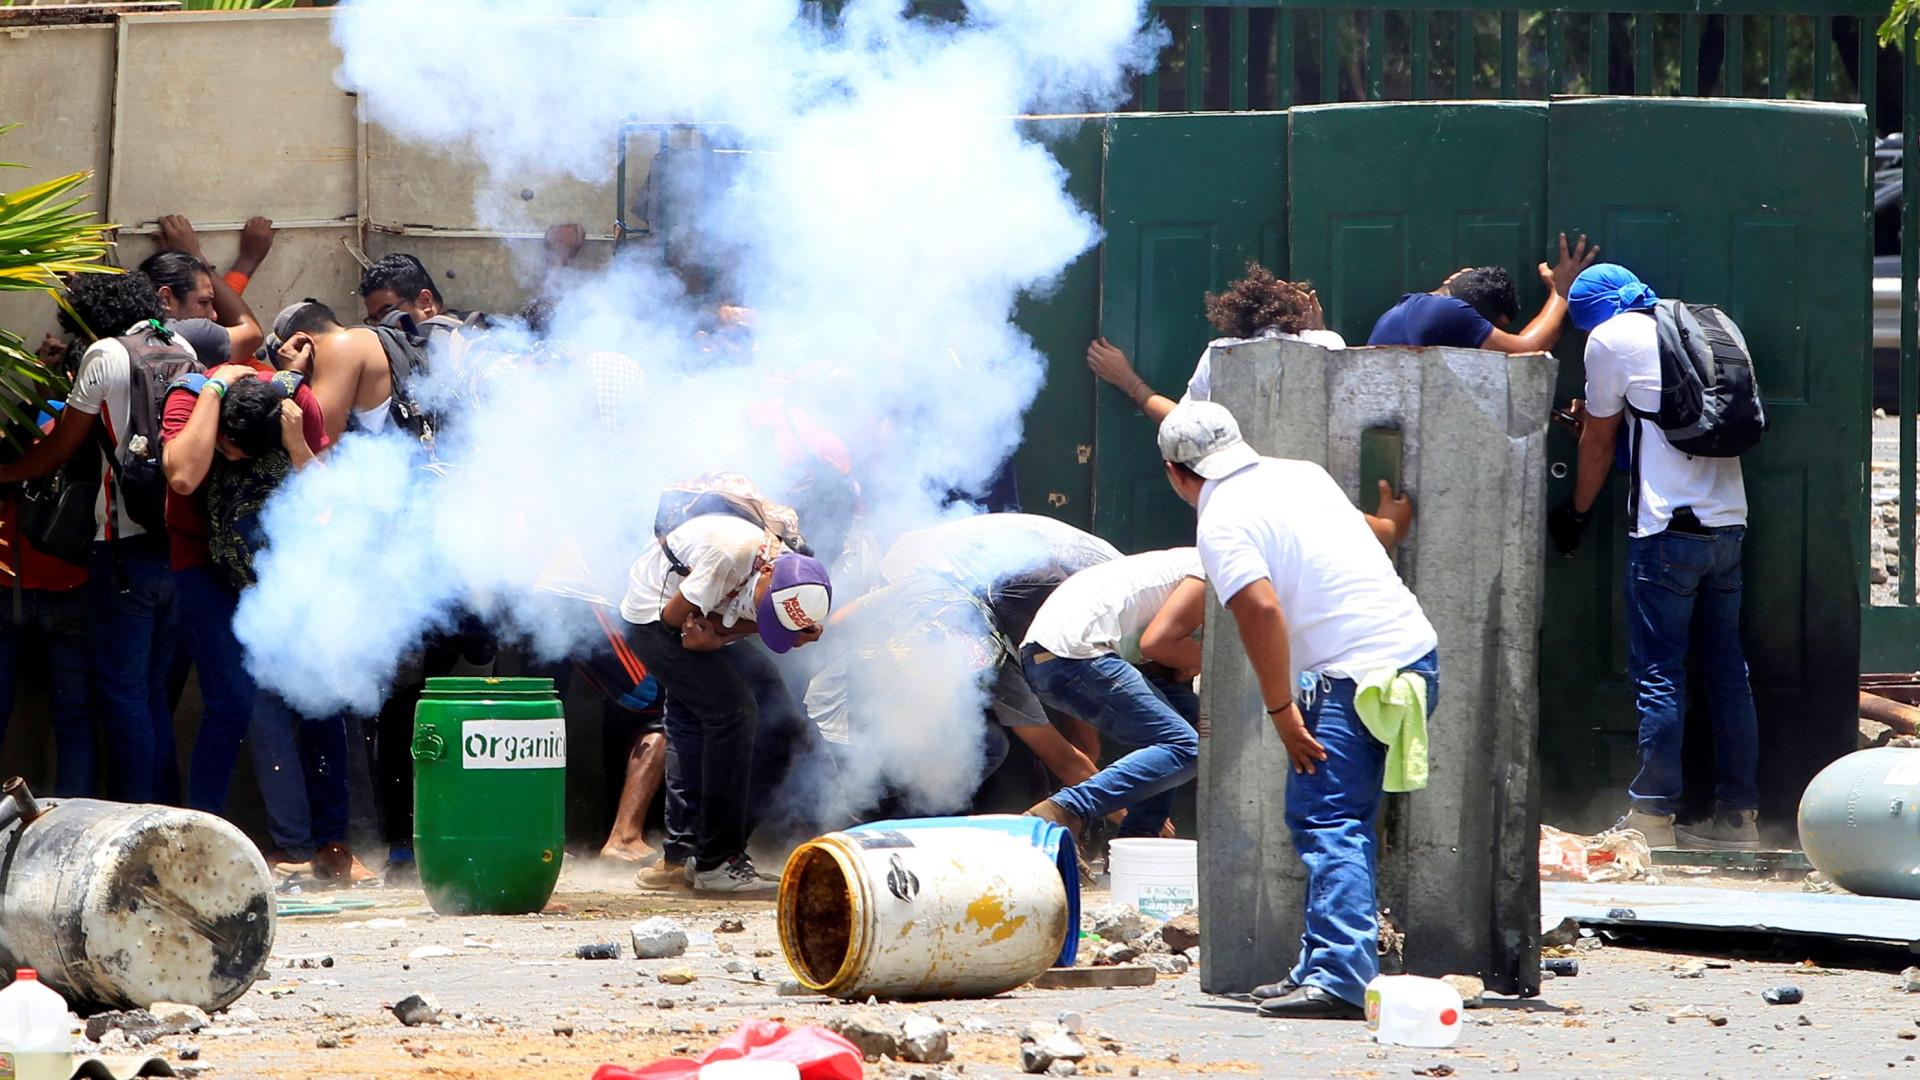 Nicaragua. Exército na rua e 25 mortos em protestos anti-Ortega